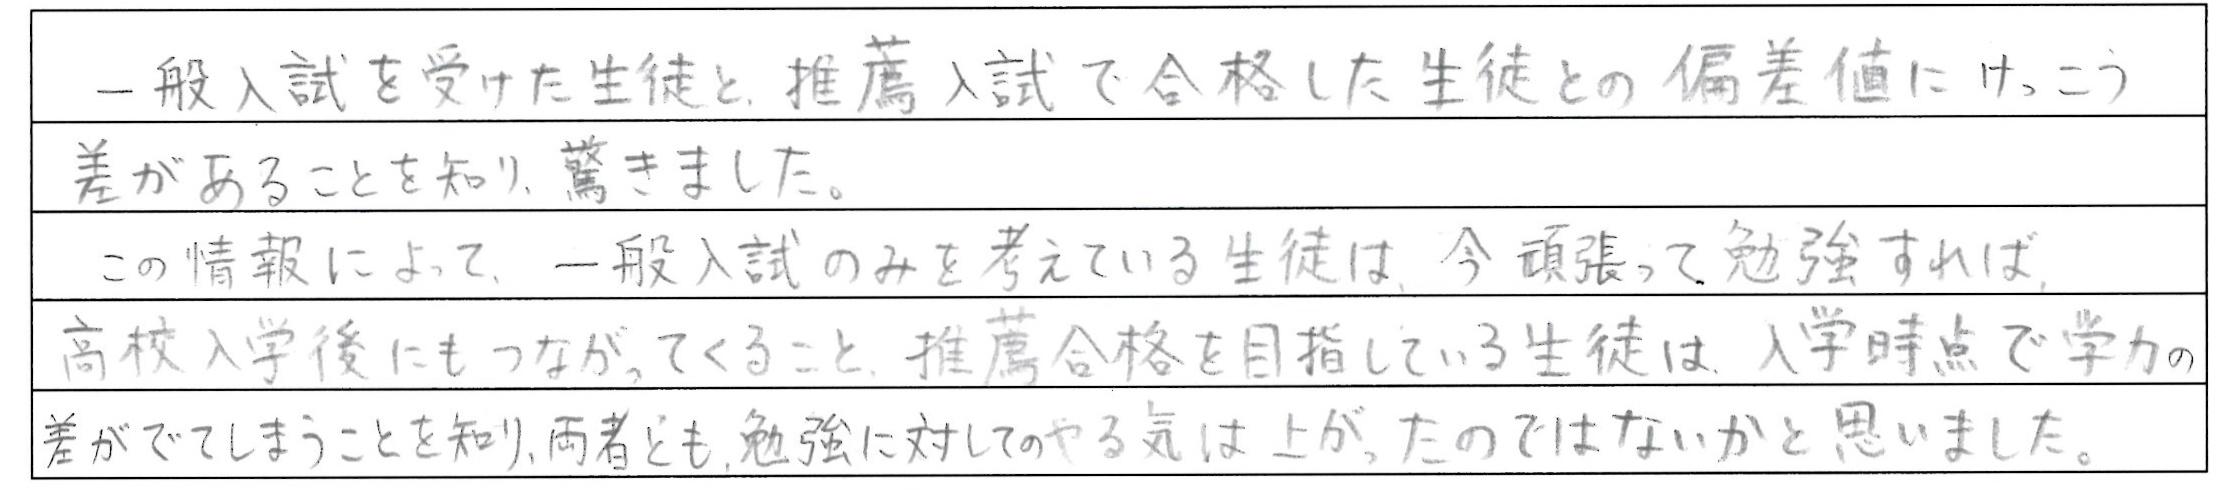 【高校入試ガイダンス】講師アンケート_b0219726_19073092.jpg